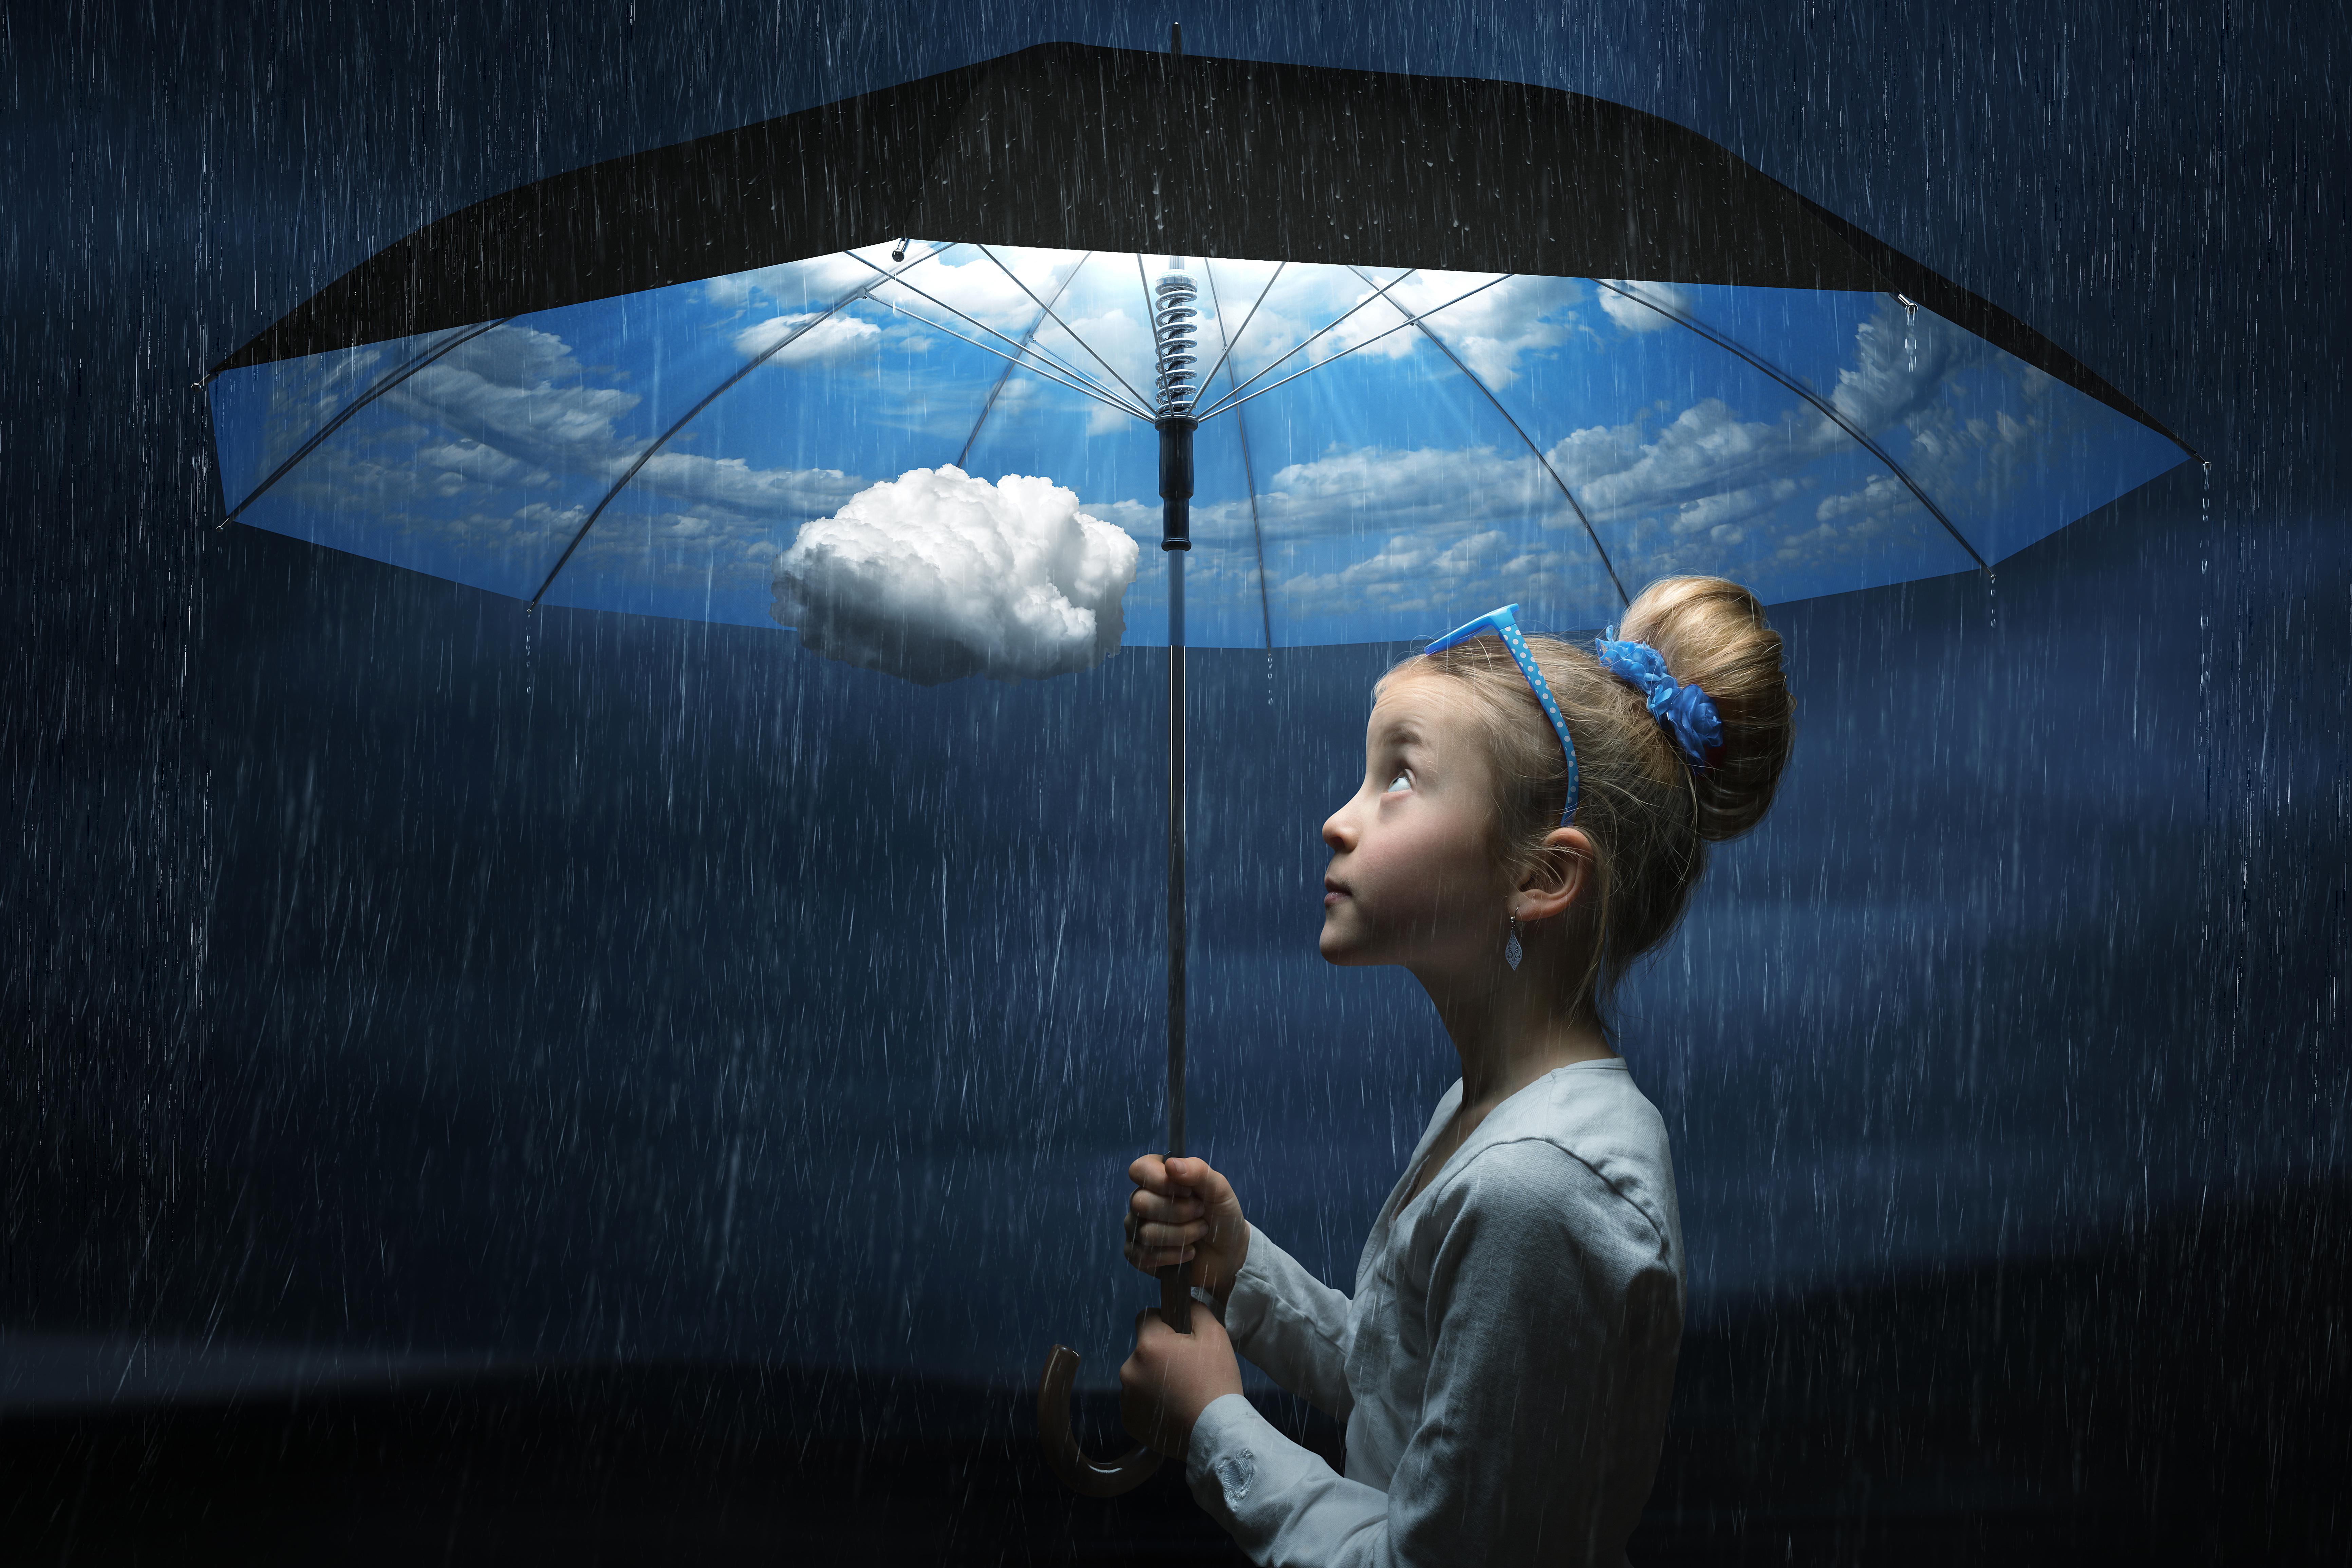 Картинки зонтика под дождем